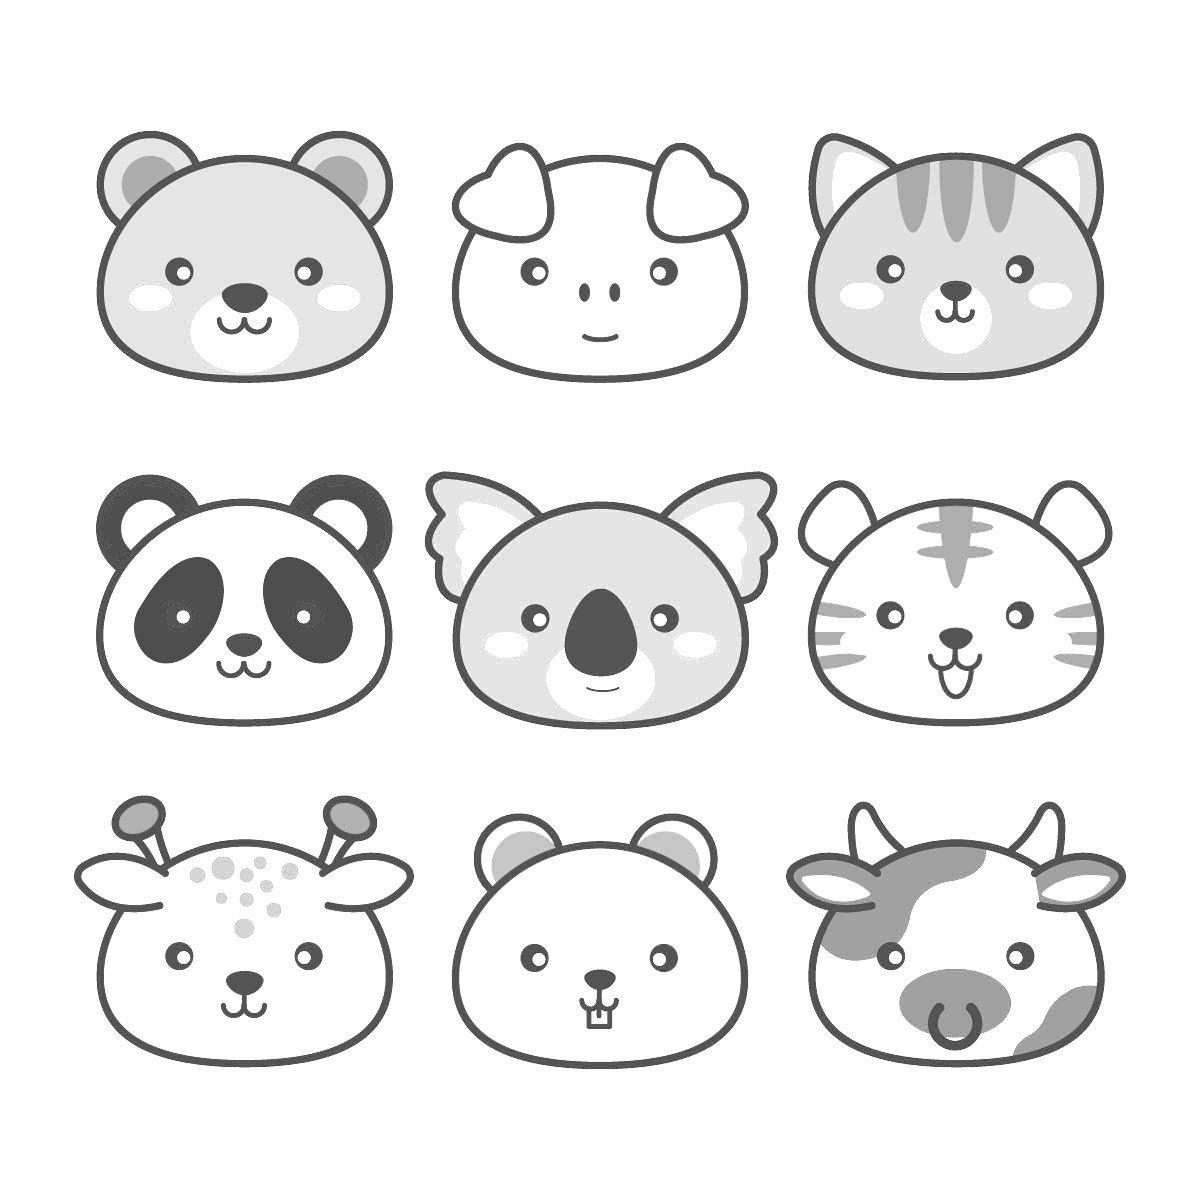 63 Dibujos Kawaii Para Descargar Y Colorear La Mejor Seleccion